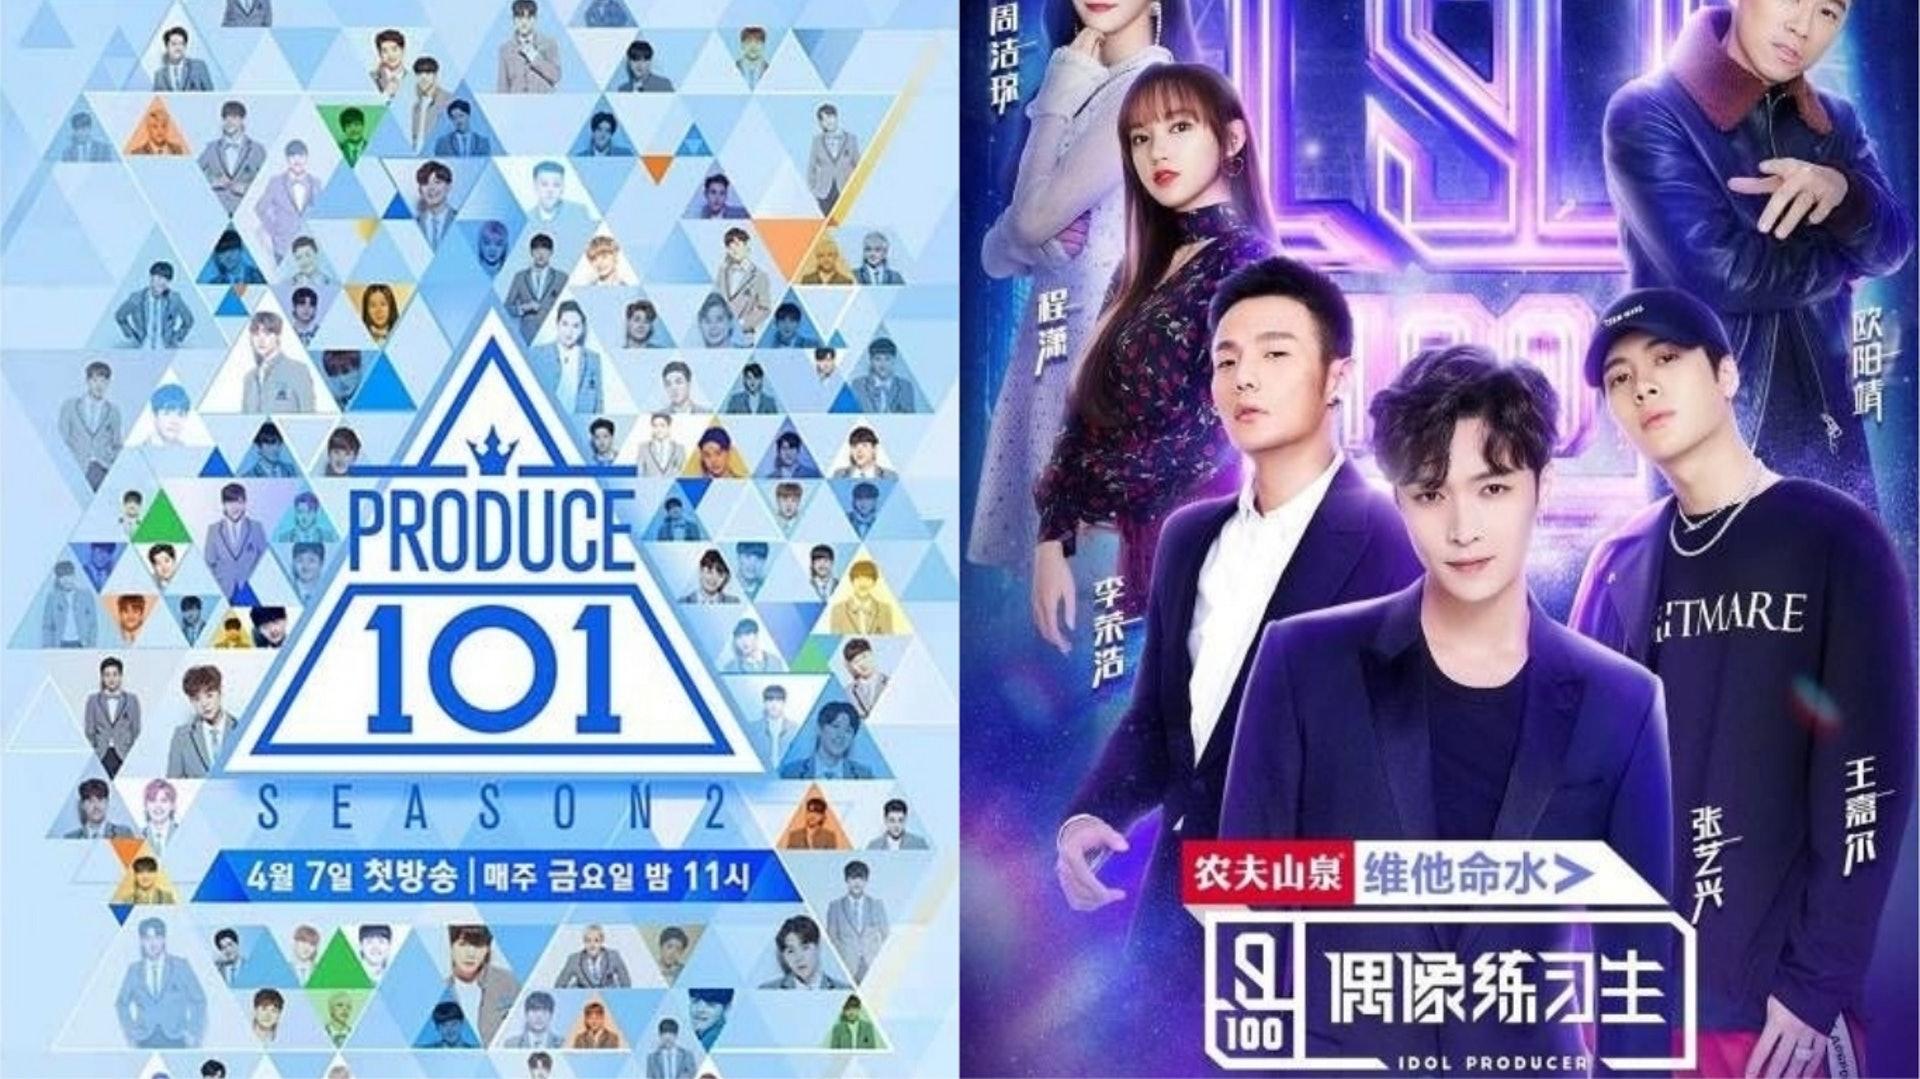 中國綜藝節目《偶像練習生》被指抄襲韓國的《Produce101》。(網絡圖片)